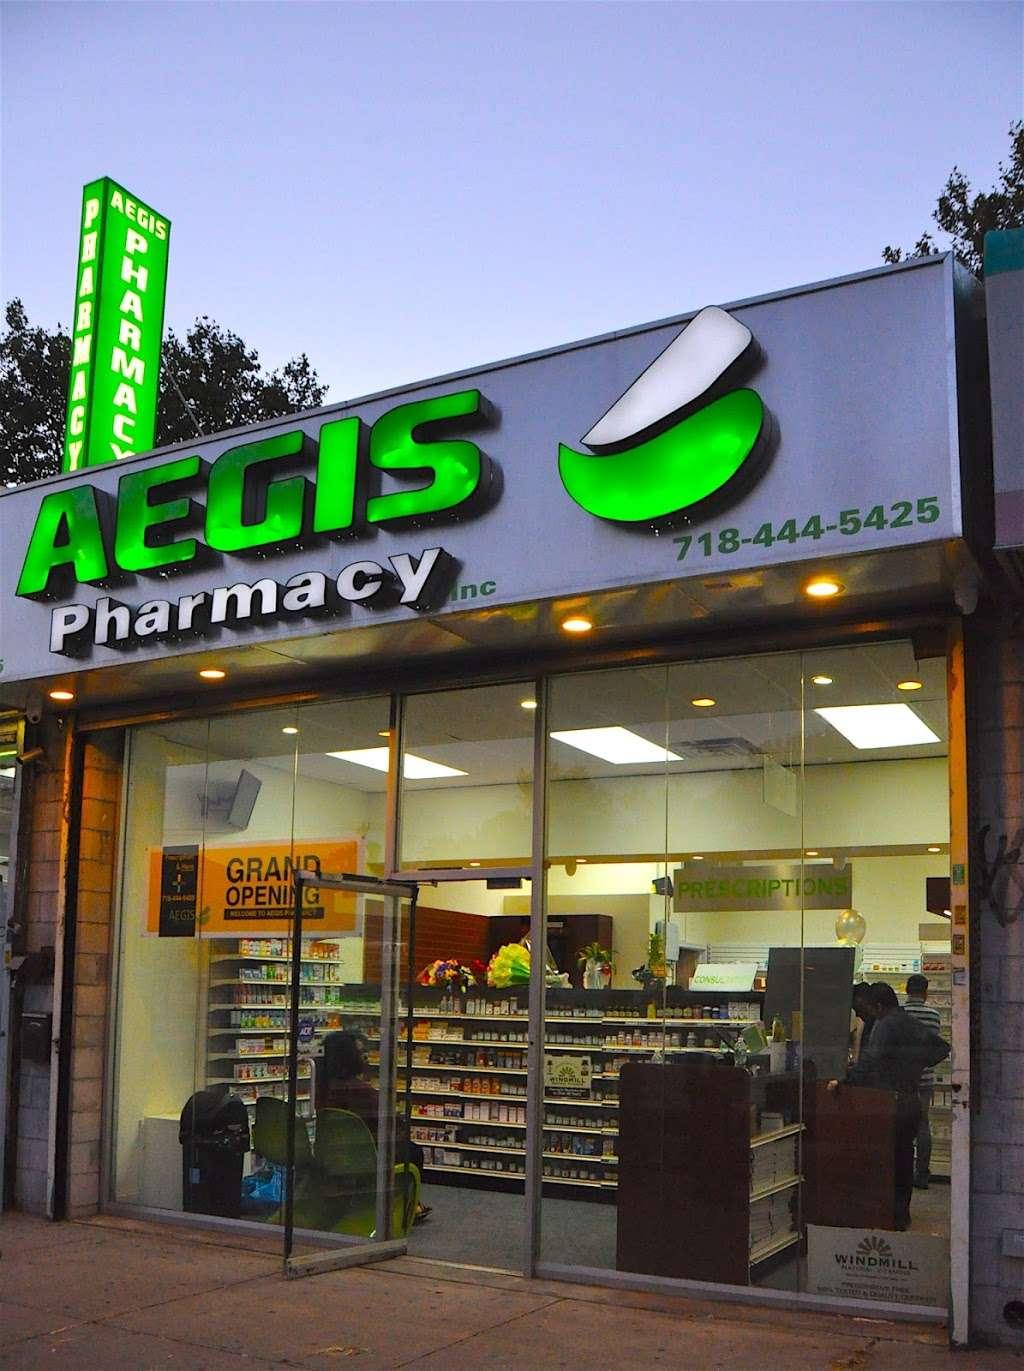 Aegis Pharmacy - pharmacy  | Photo 8 of 10 | Address: 5425 Flatlands Ave, Brooklyn, NY 11234, USA | Phone: (718) 444-5425